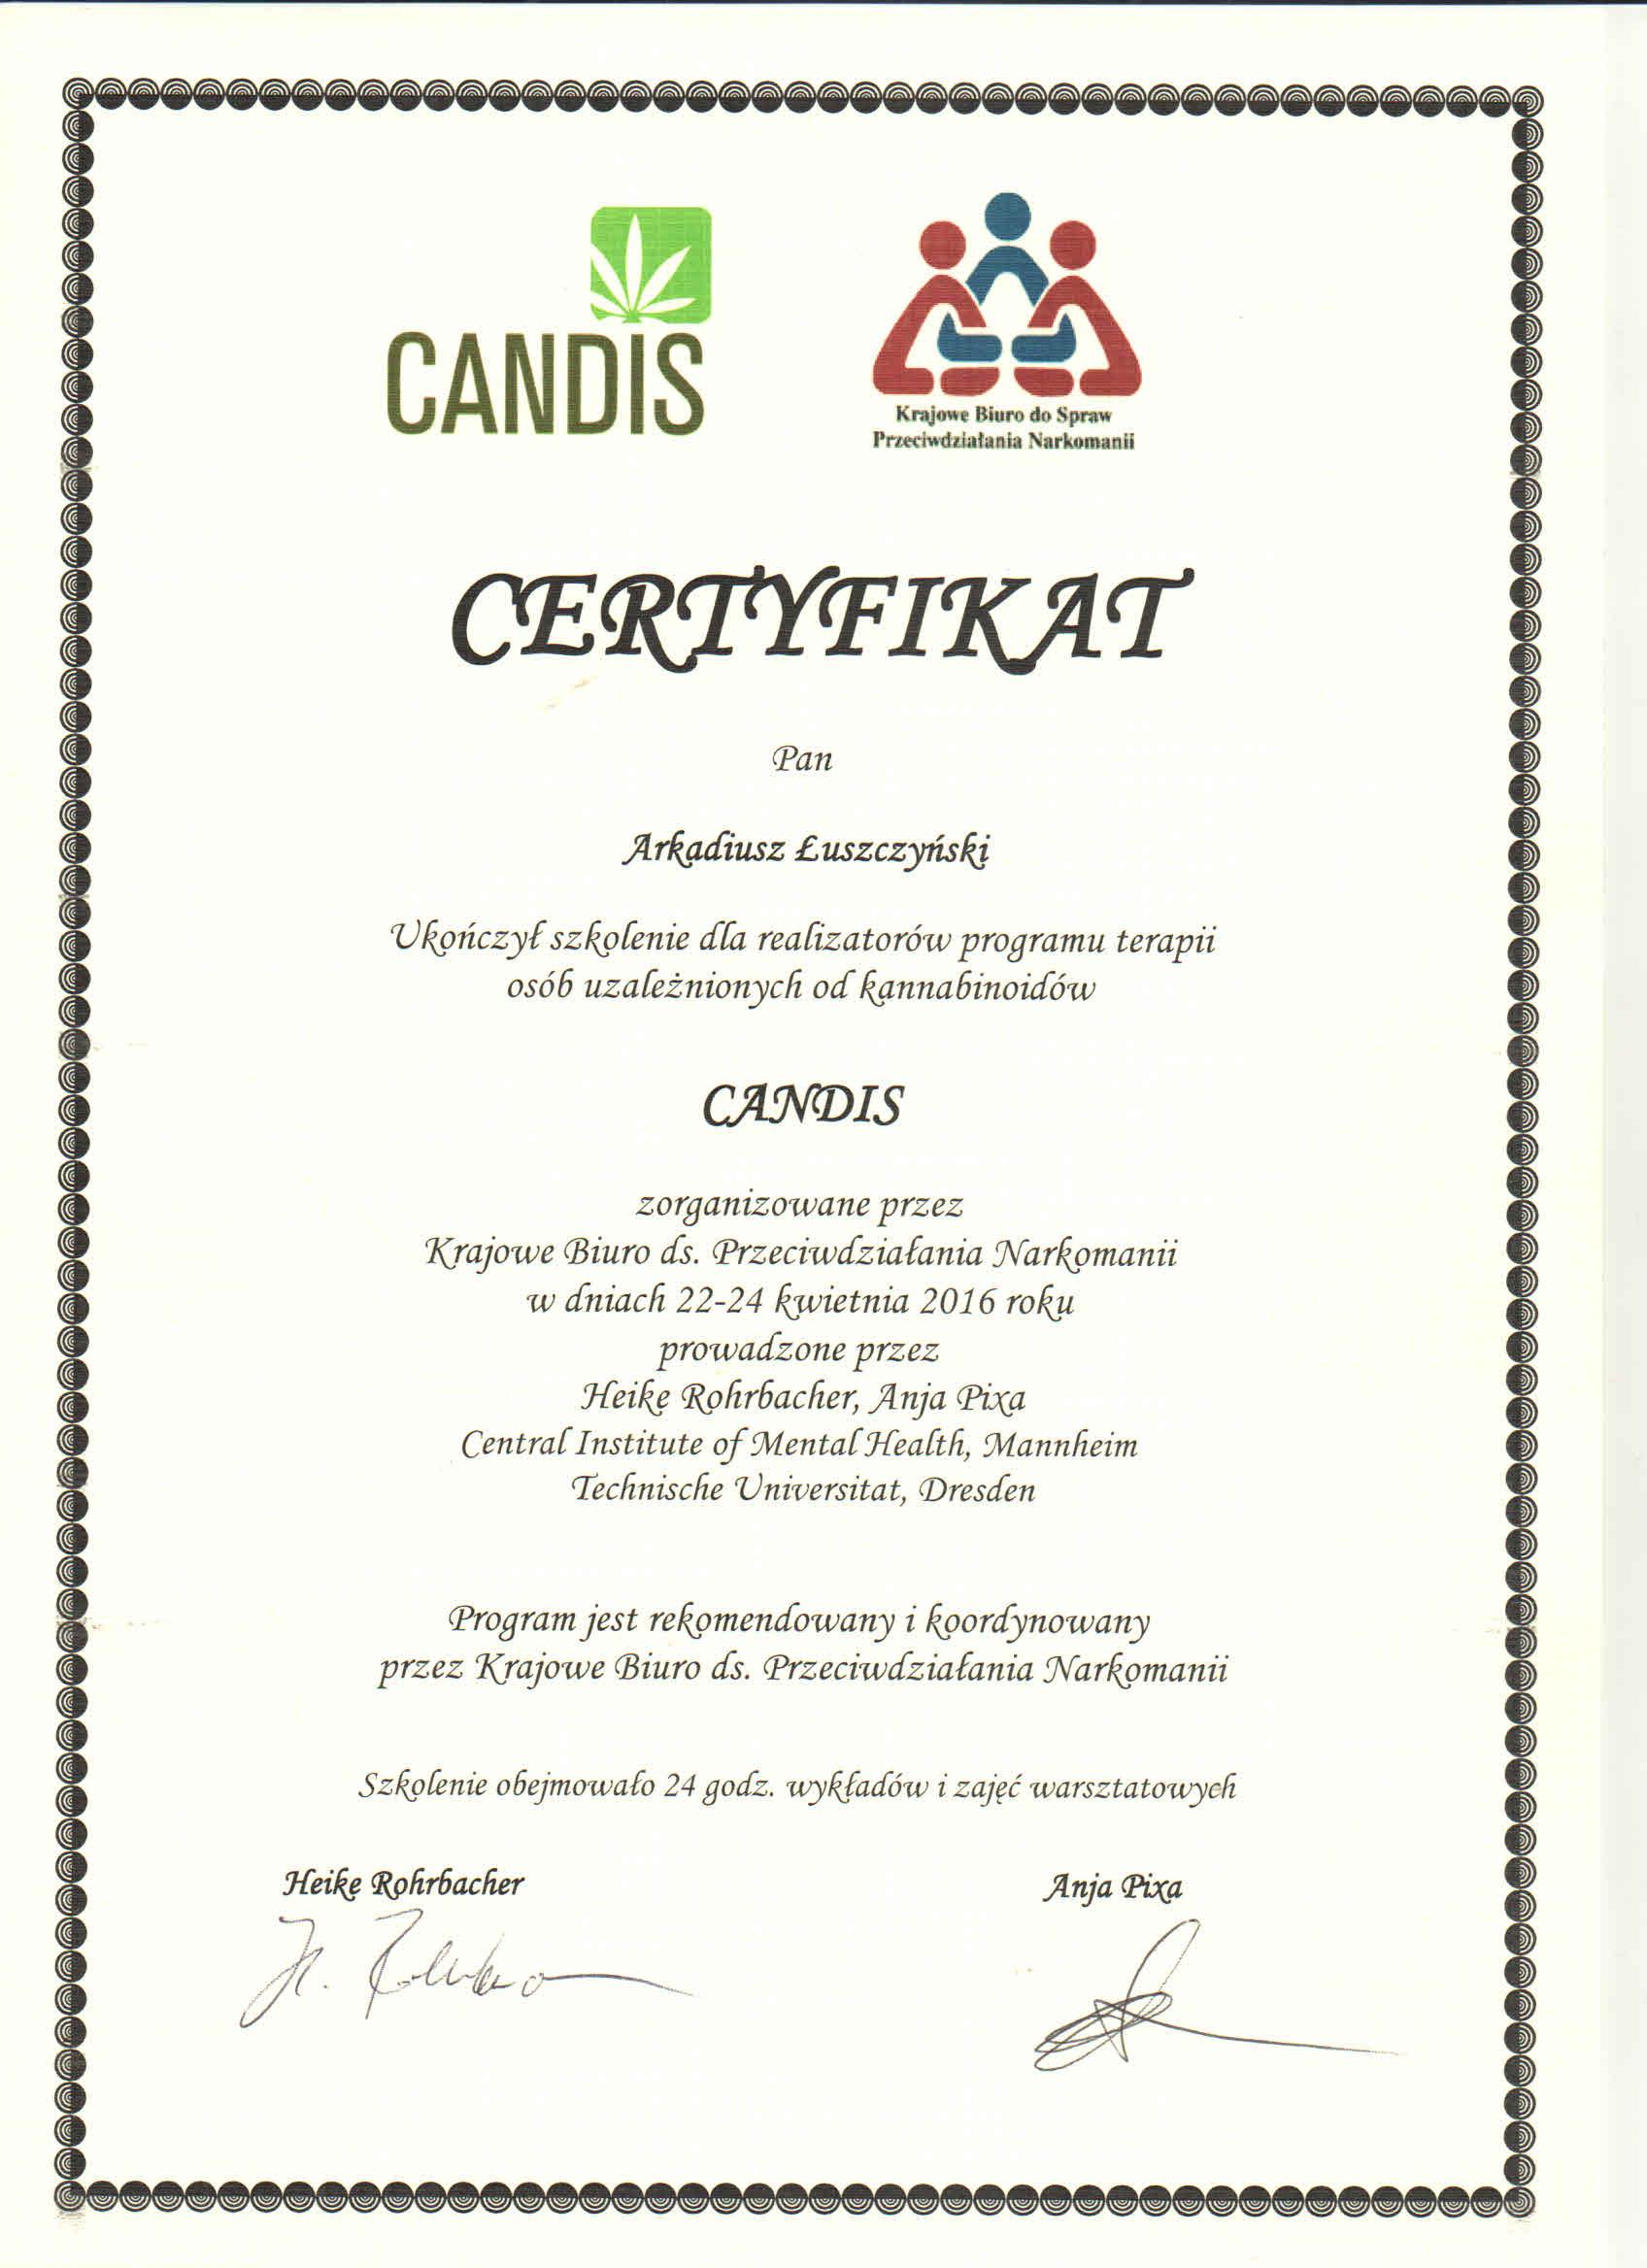 skan-certyfikat-candis